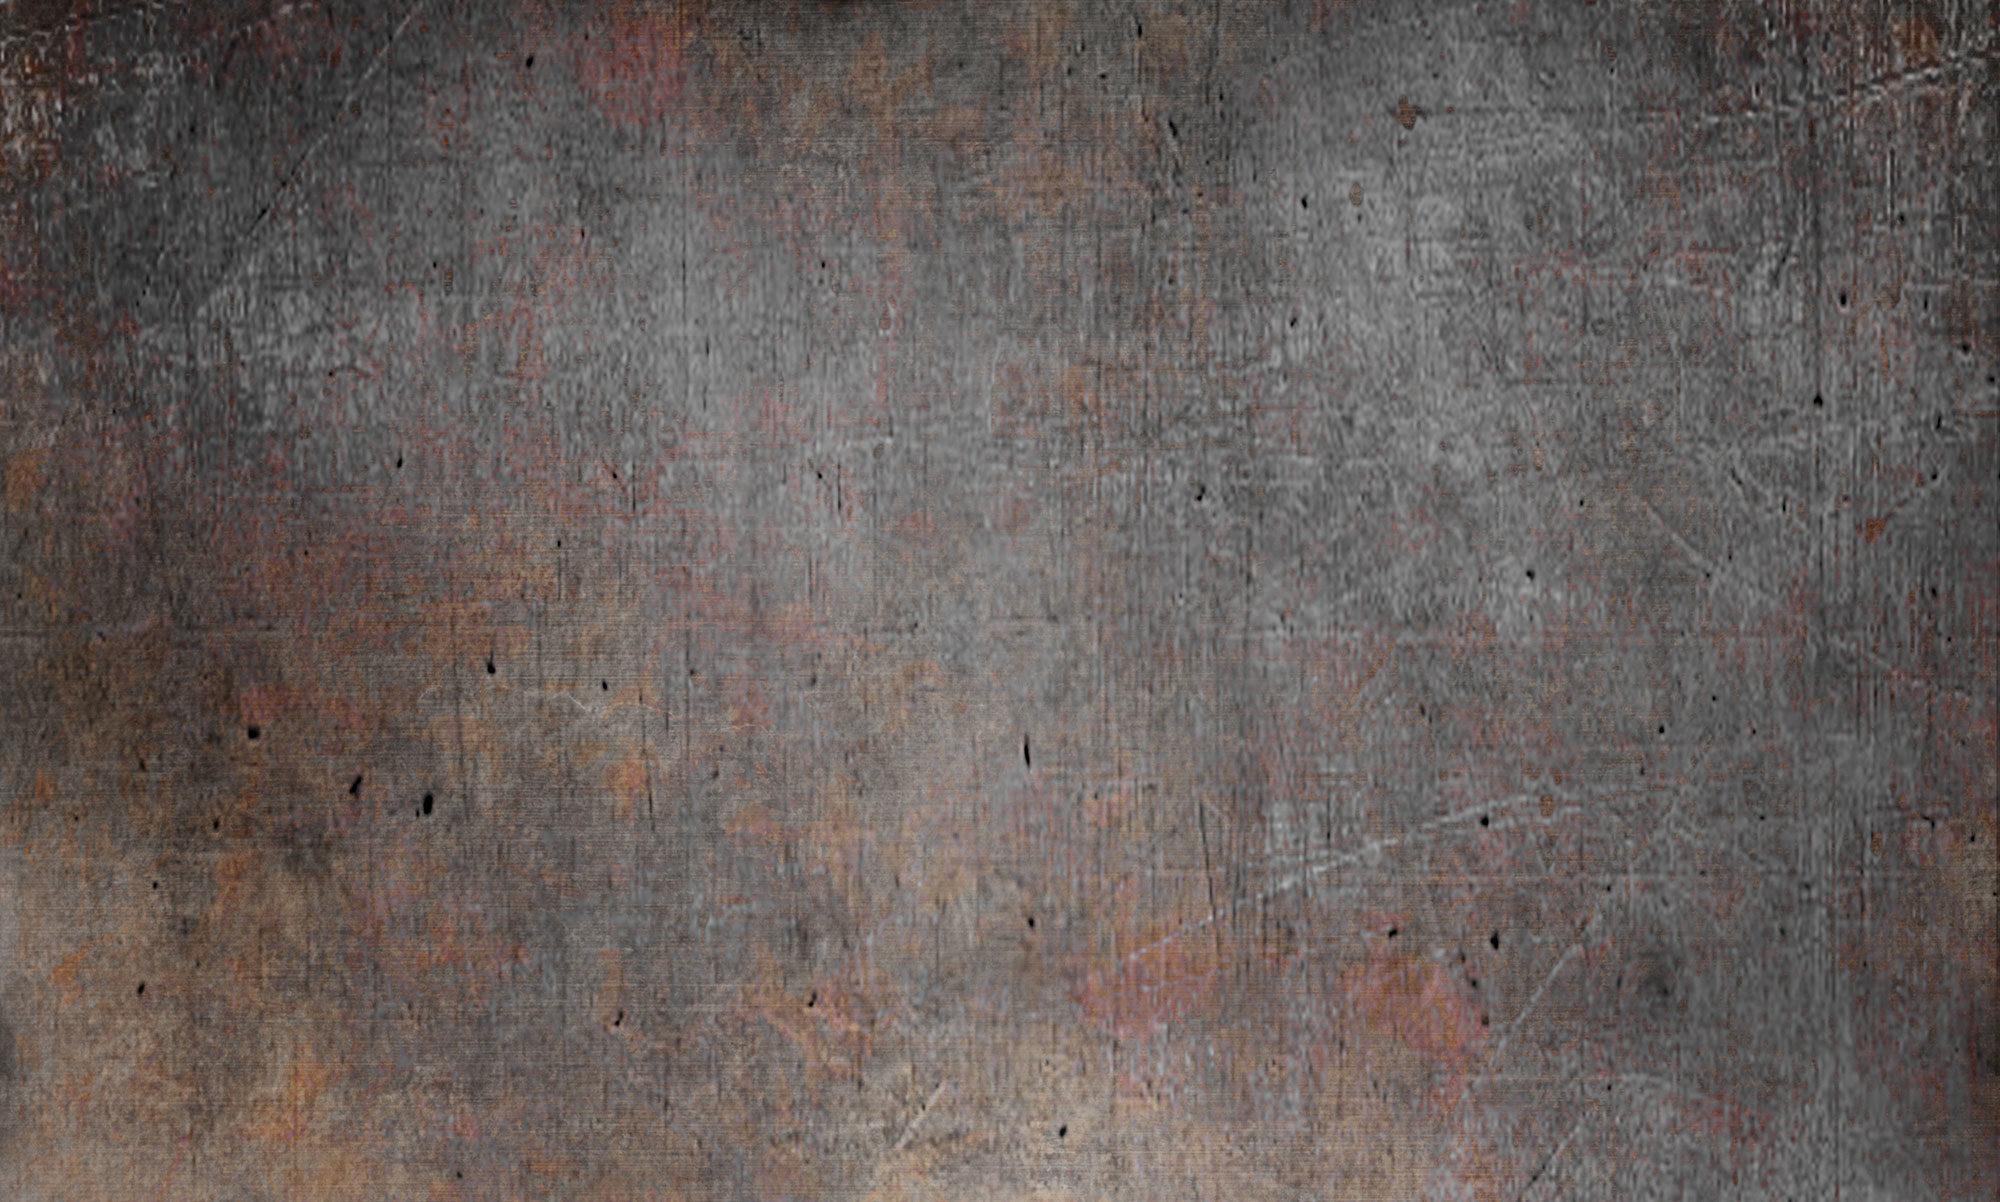 Galerie Carrosserie Kayedjian